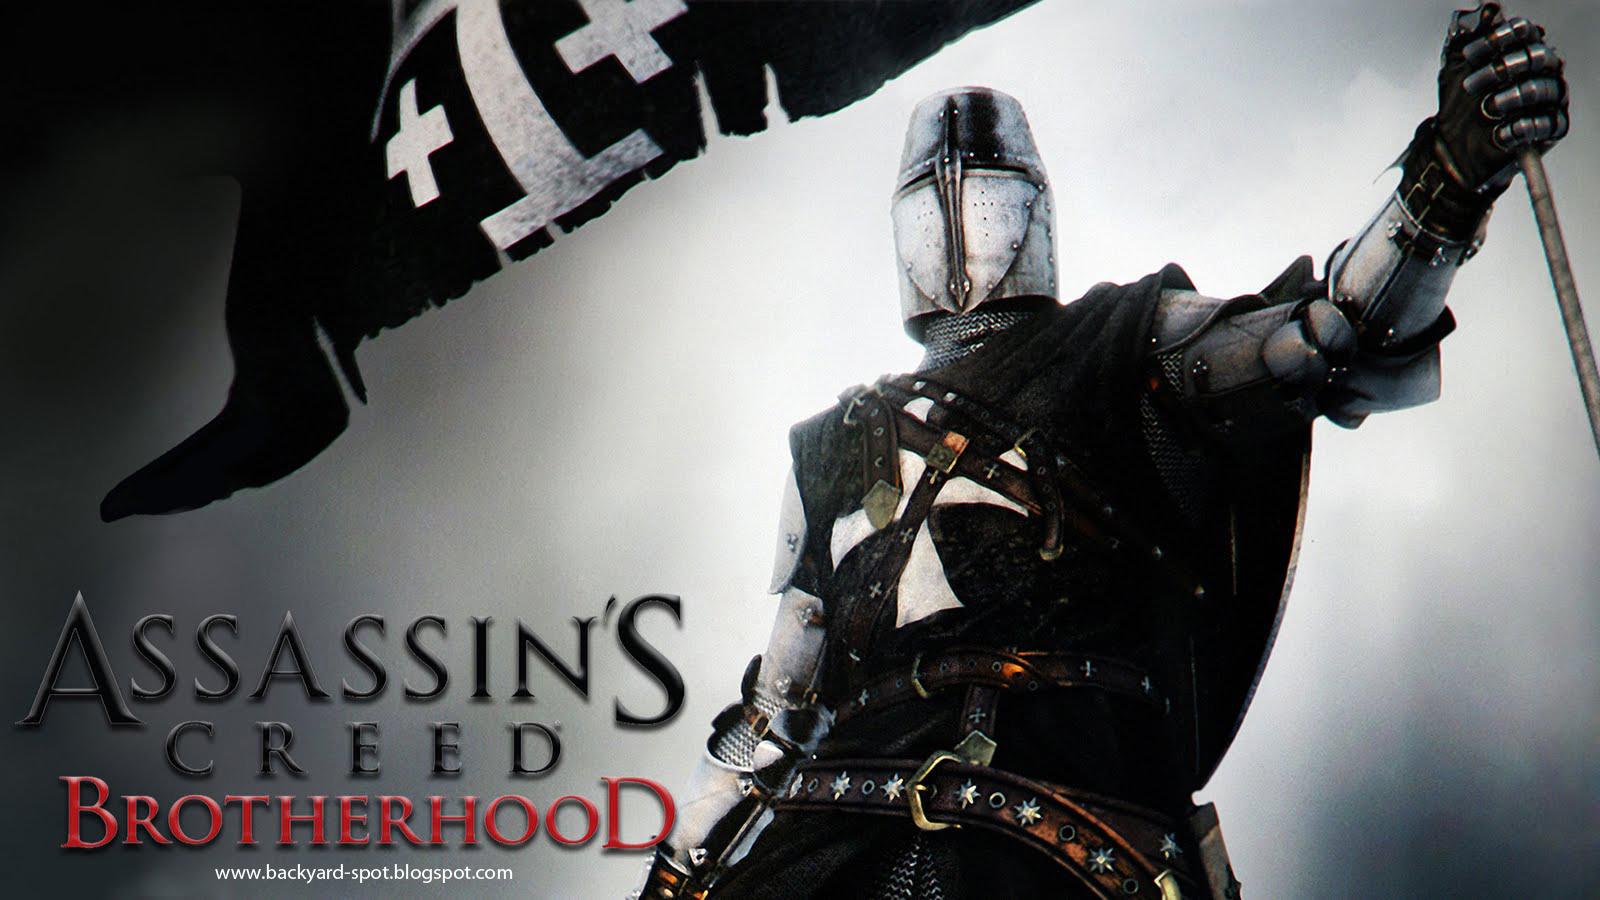 http://3.bp.blogspot.com/_Oehg8-cXtoc/TQuX1gaD9YI/AAAAAAAAAH0/MGrTdQgOq0I/s1600/AC-Brotherhood-assassins-creed-16328798-1600-900.jpg